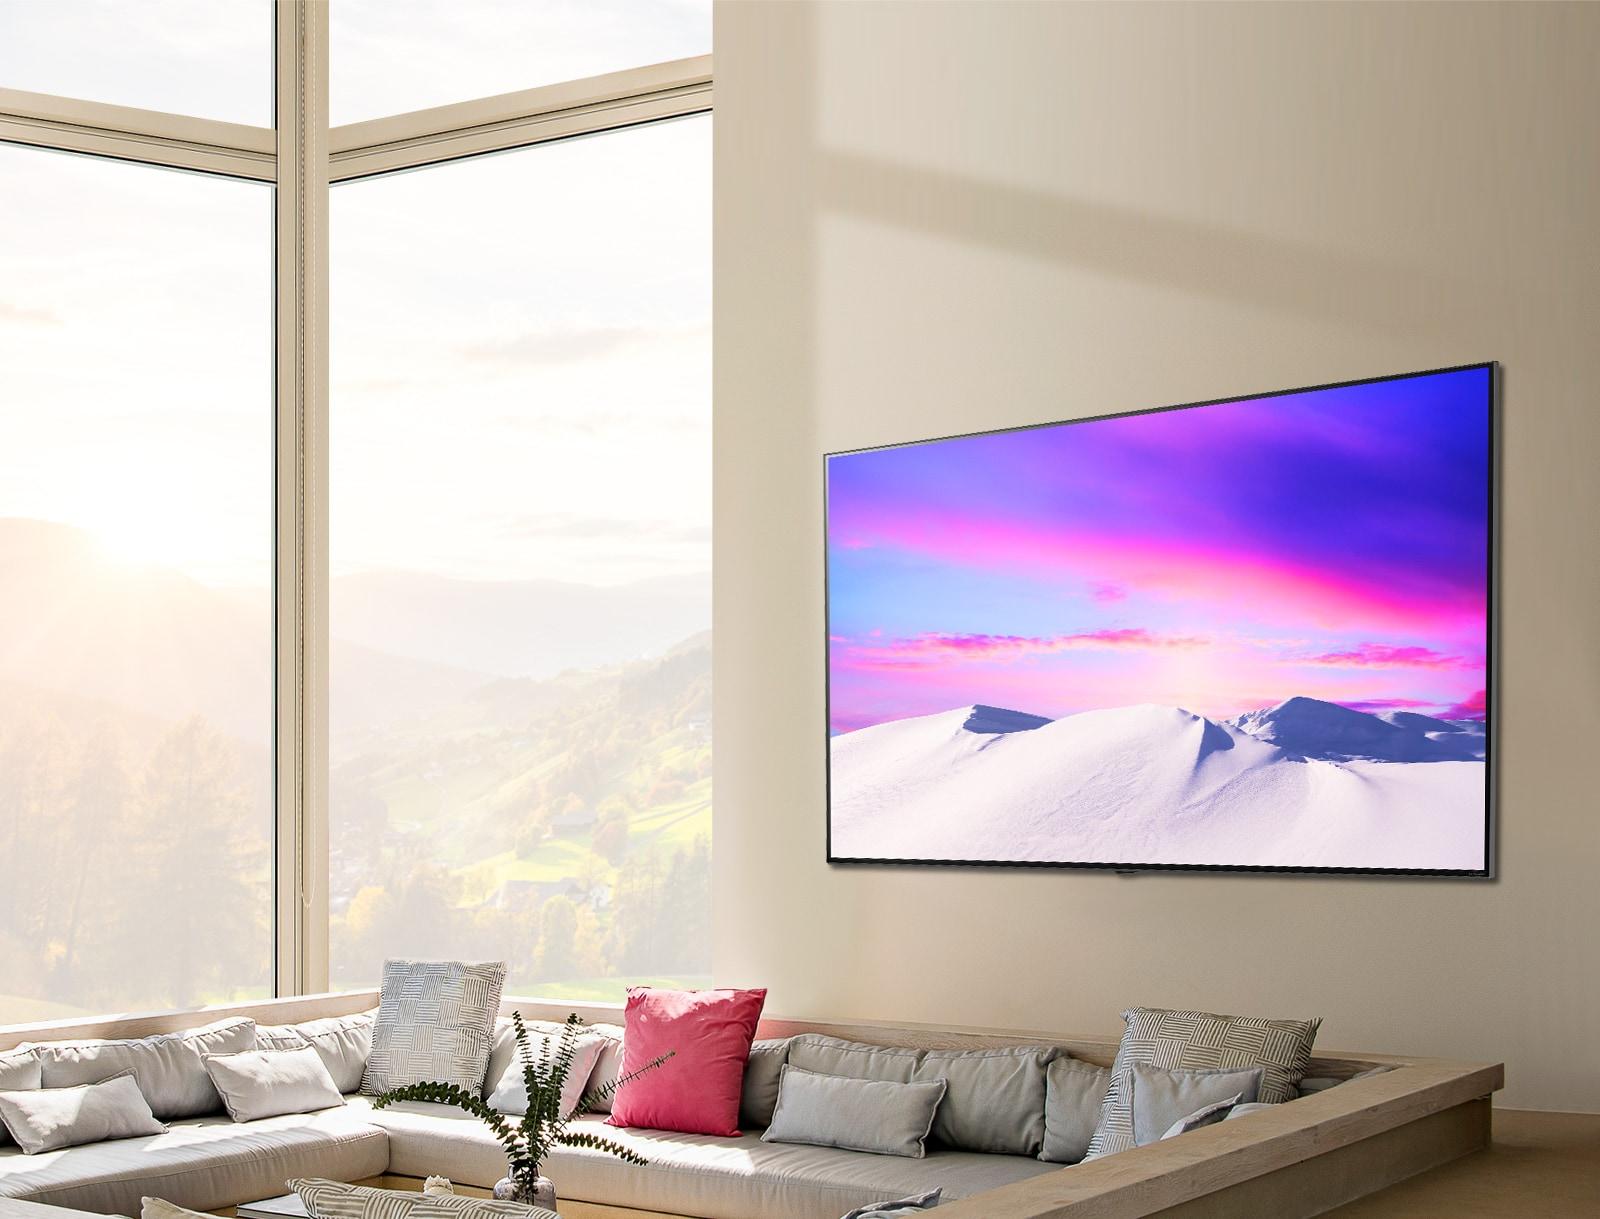 Hình ảnh cho thấy TV LG NanoCell lớn, mỏng treo sát vào tường.